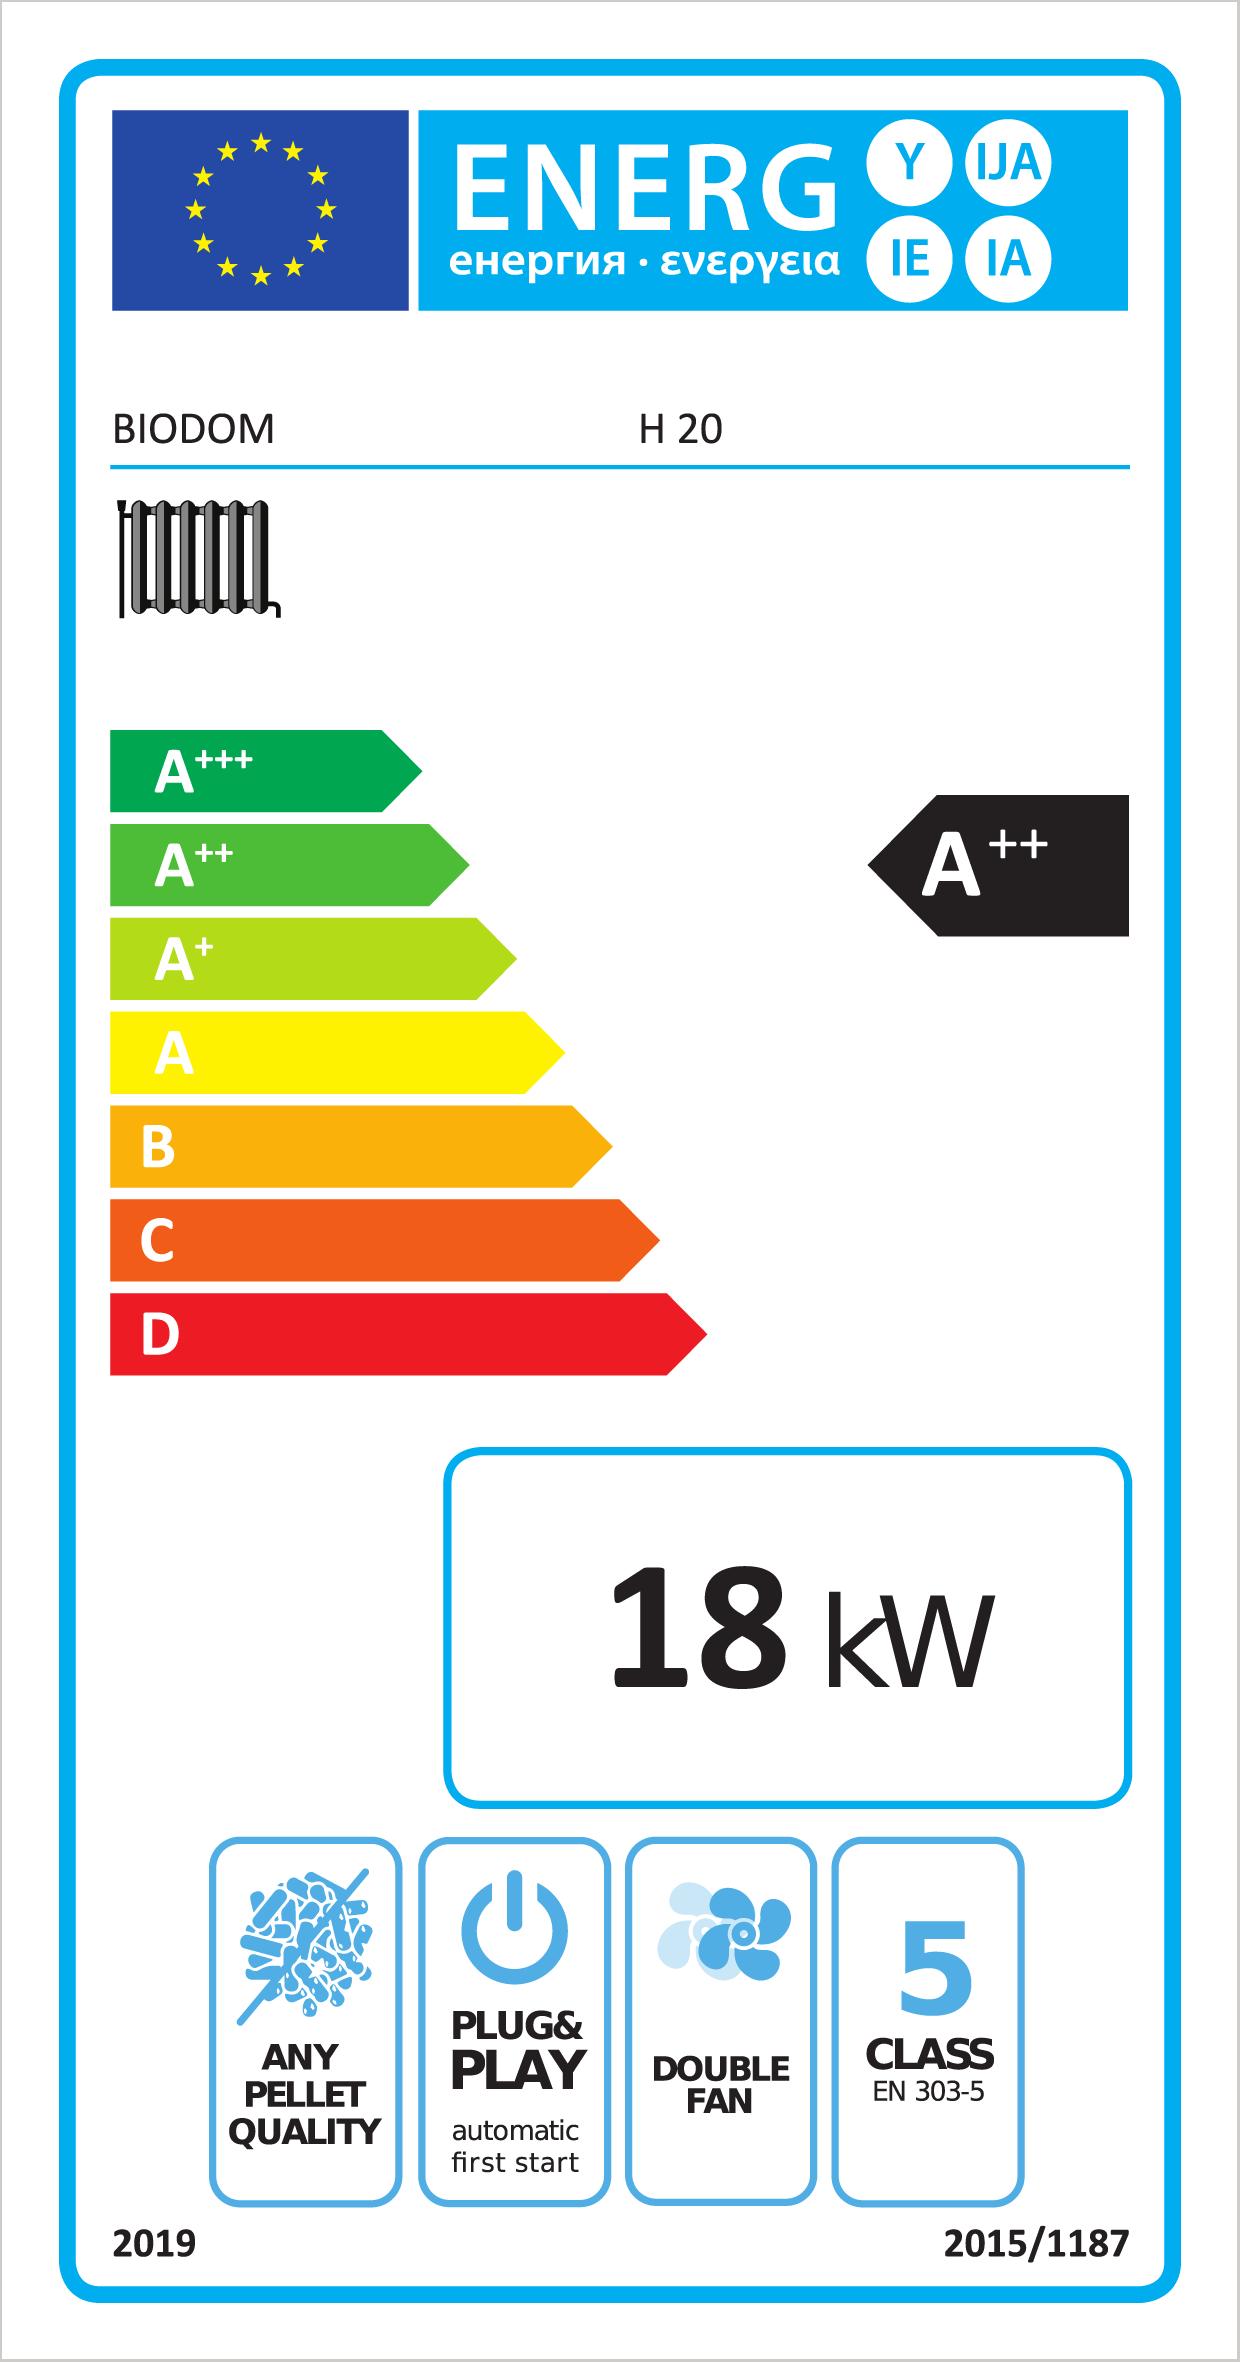 Energielabel A++ voor de Biodom H20 cv pelletkachel